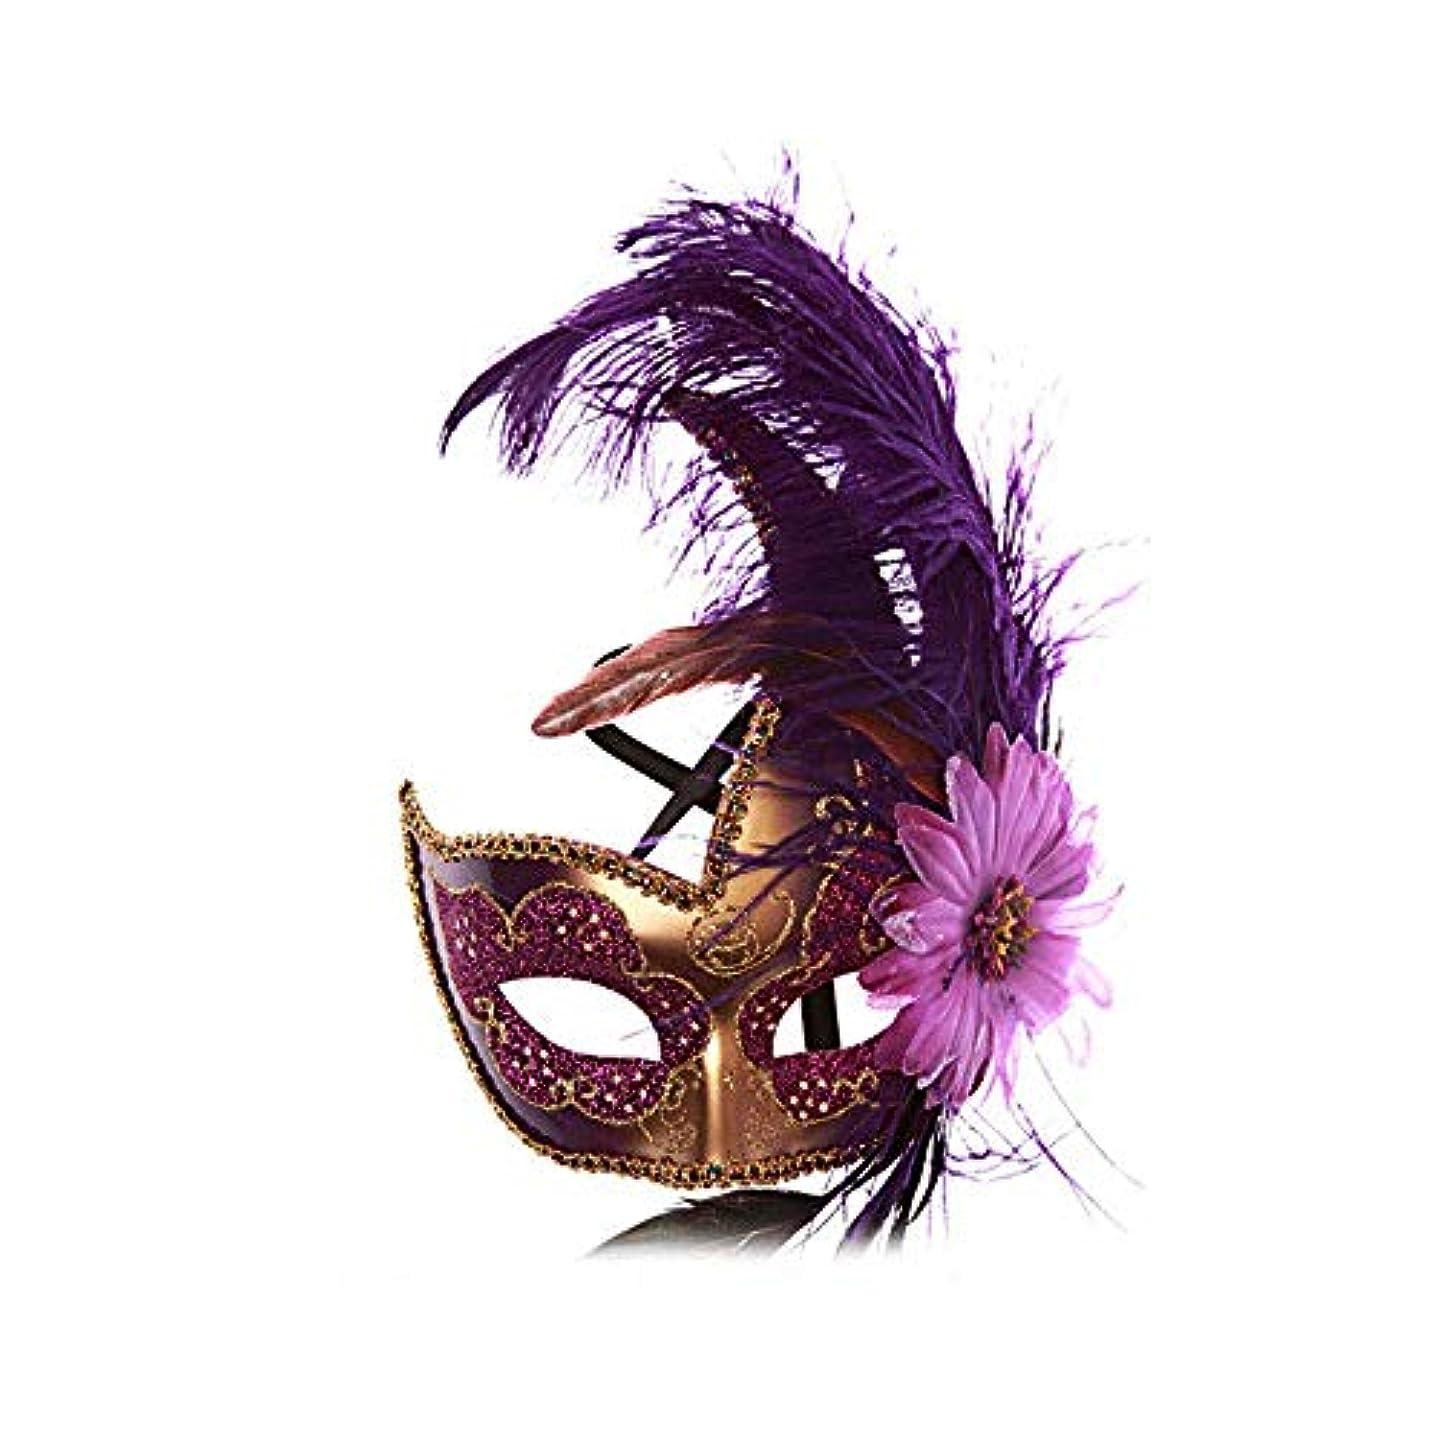 コテージ見通し求めるNanle ハロウィンマスクハーフフェザーマスクベニスプリンセスマスク美容レース仮面ライダーコスプレ (色 : Style B purple)